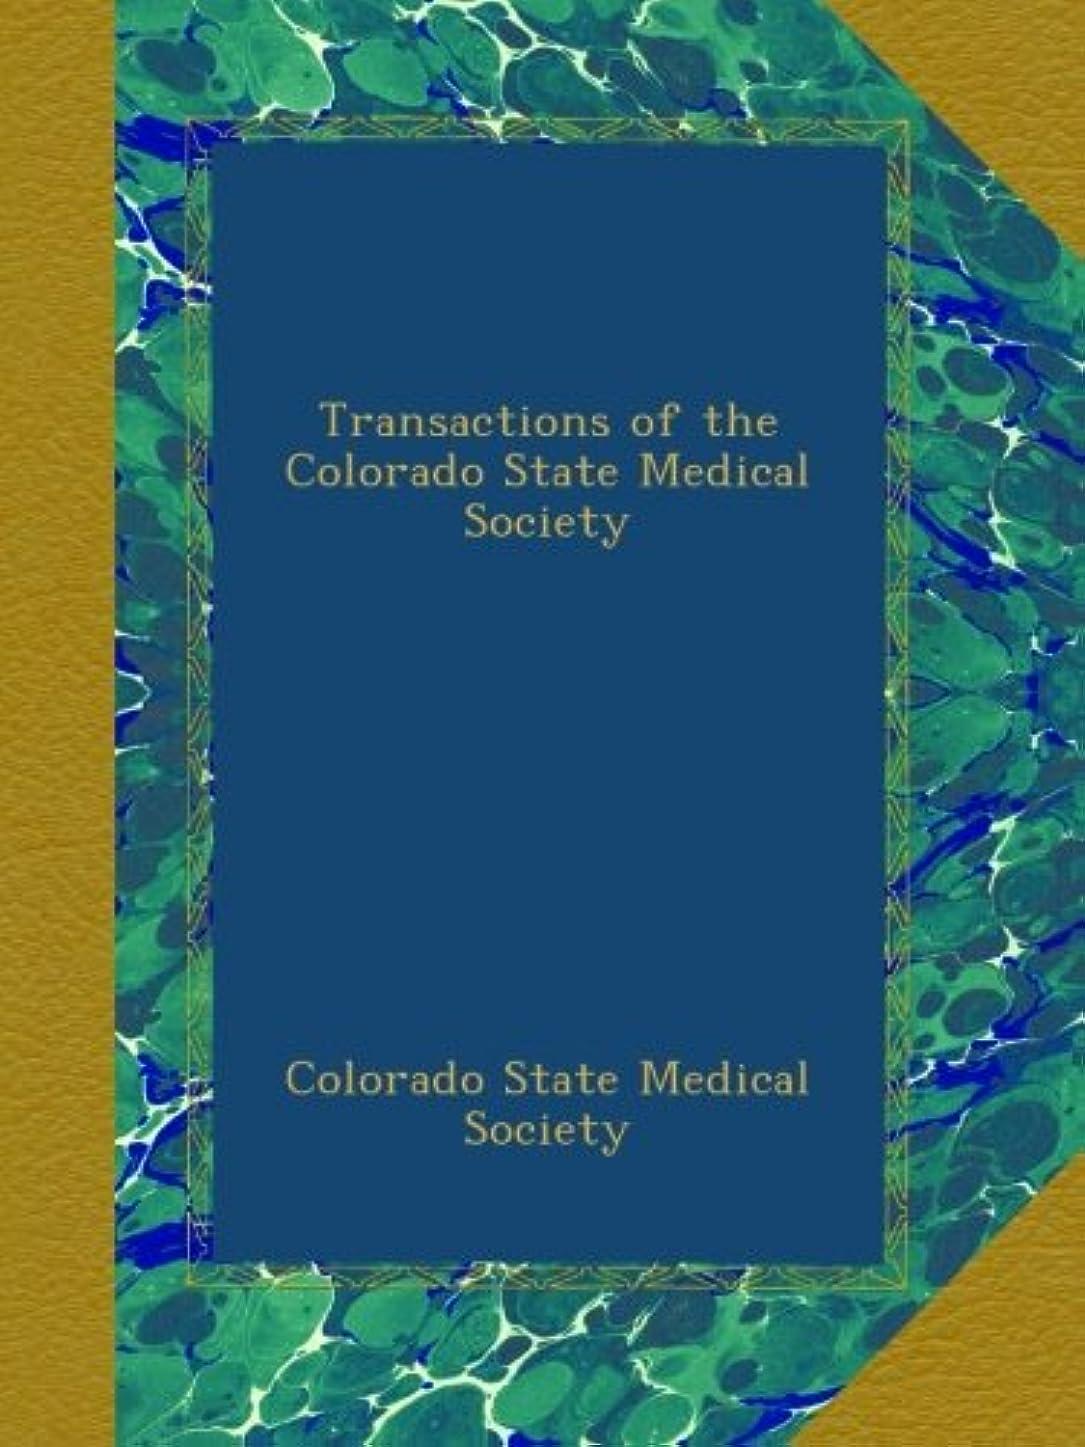 徒歩で夕方遠近法Transactions of the Colorado State Medical Society